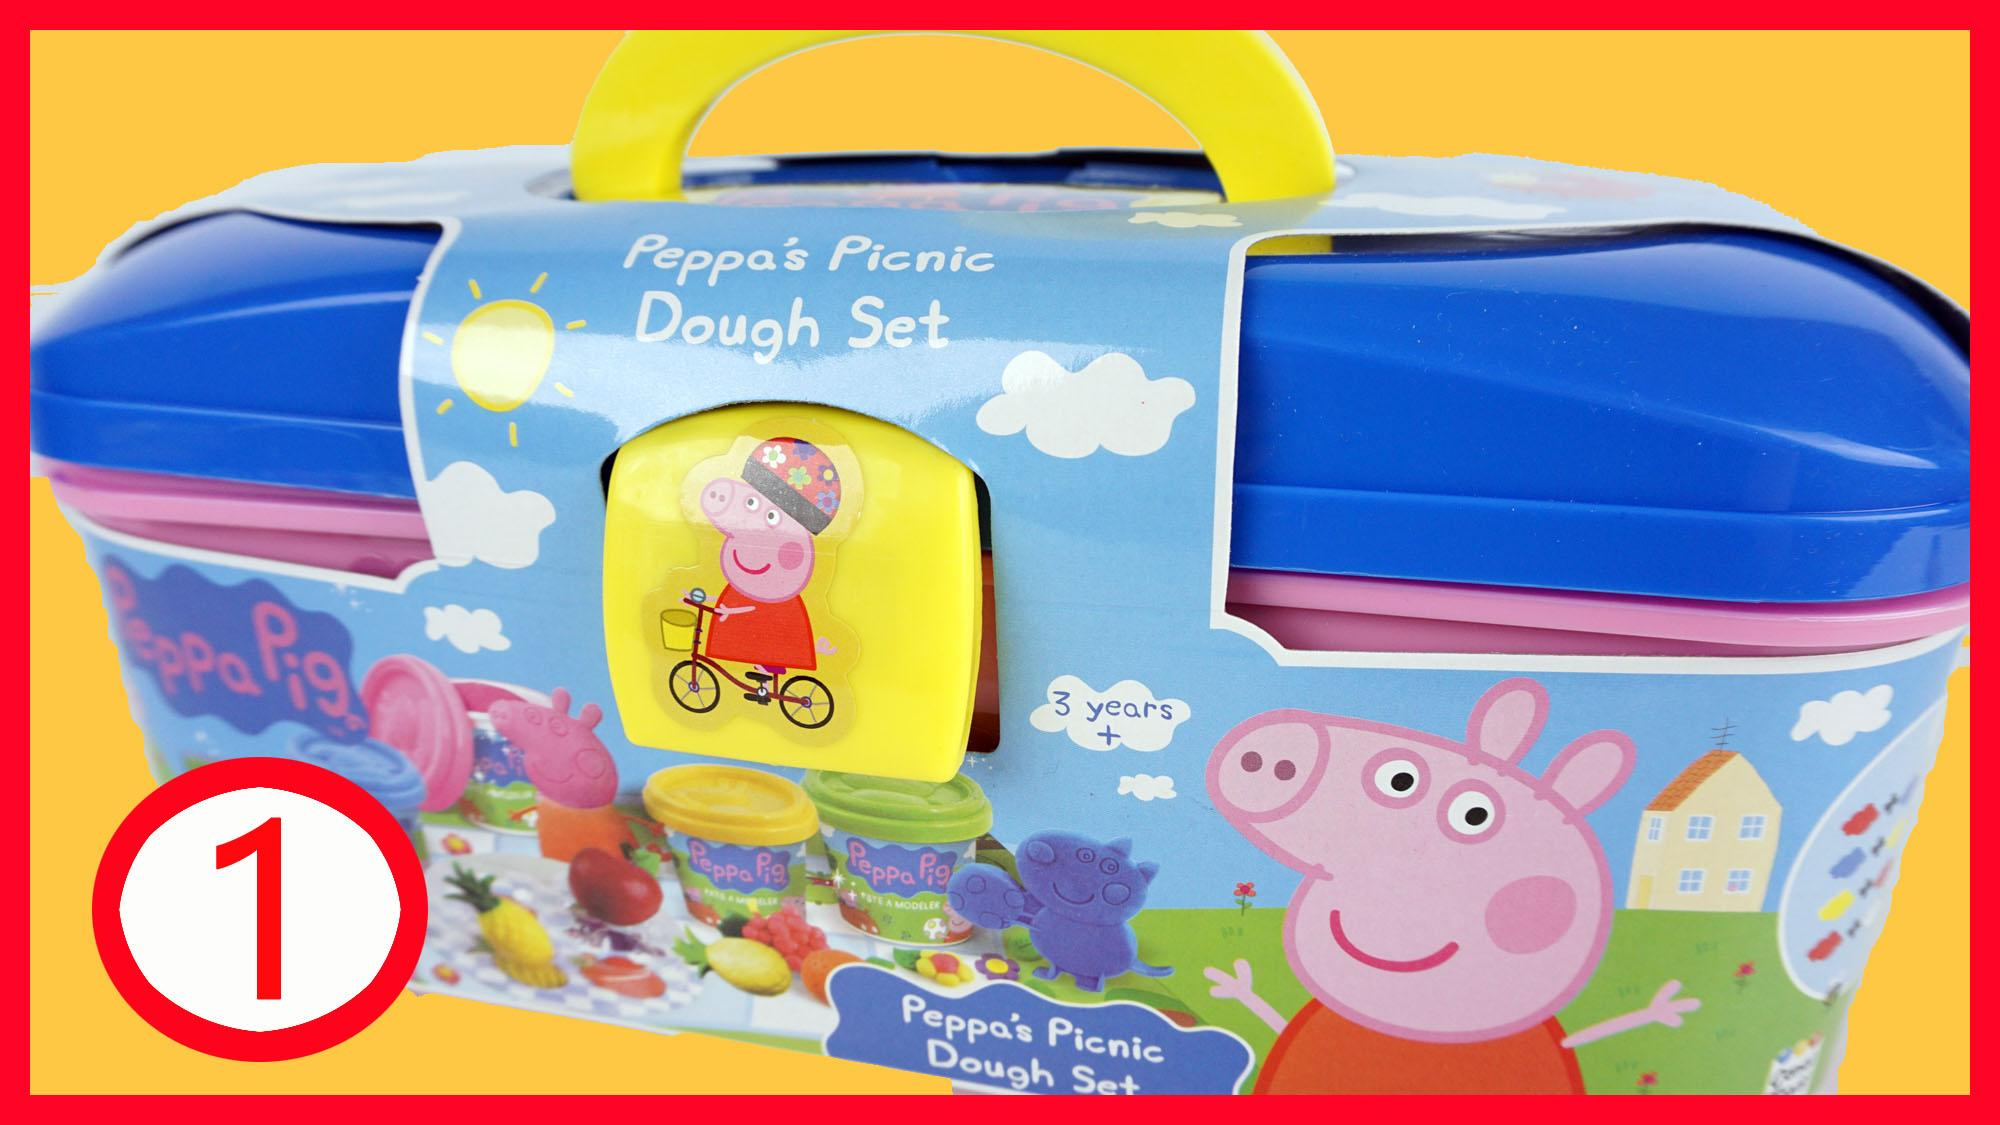 粉红猪小妹小猪佩奇培乐多橡皮泥彩泥野餐套装